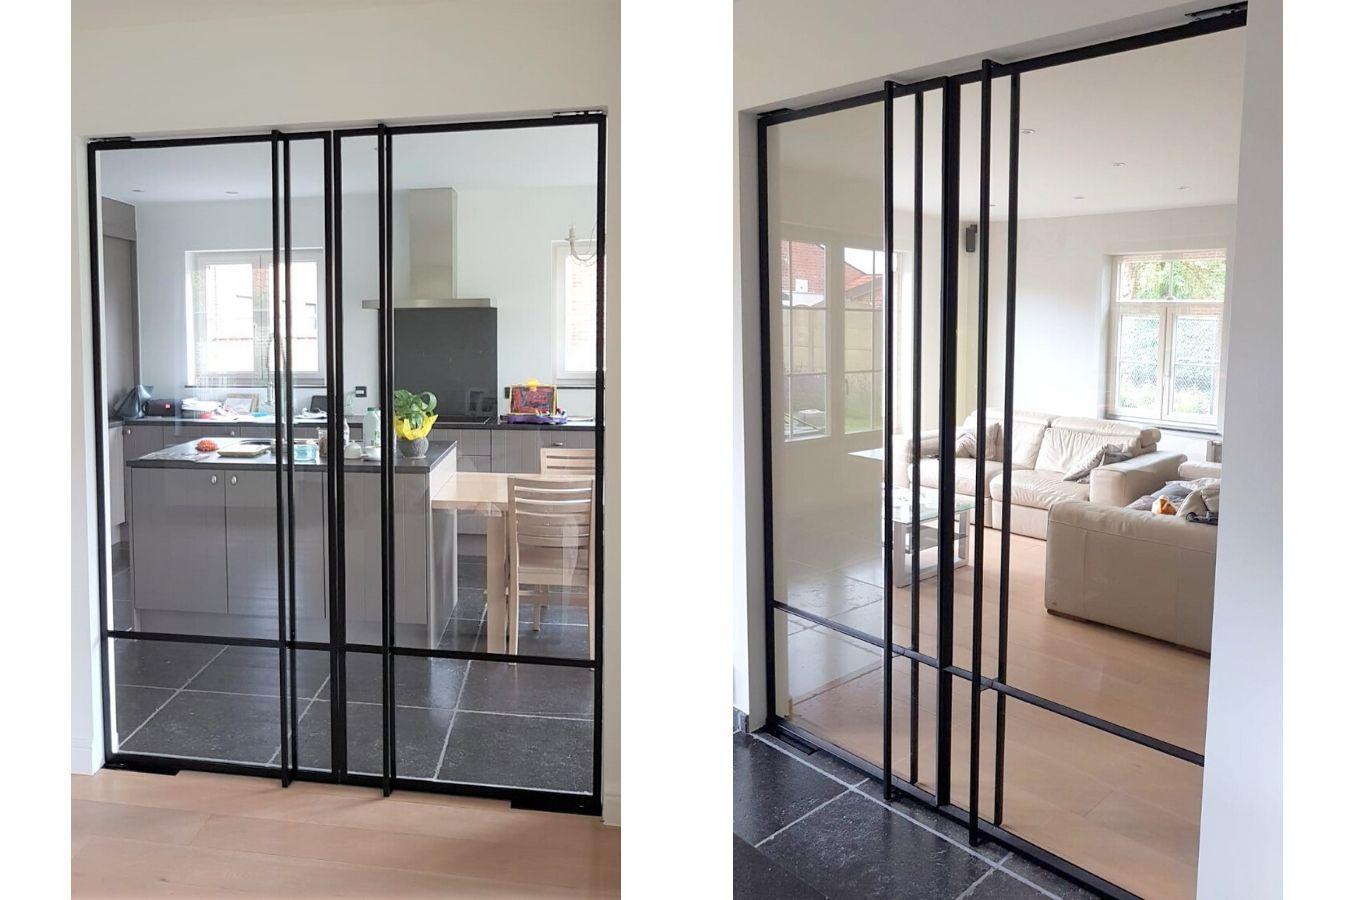 metalen deuren in Wijer - strakke pivotdeuren in keuken - pivotdeur in woonkamer